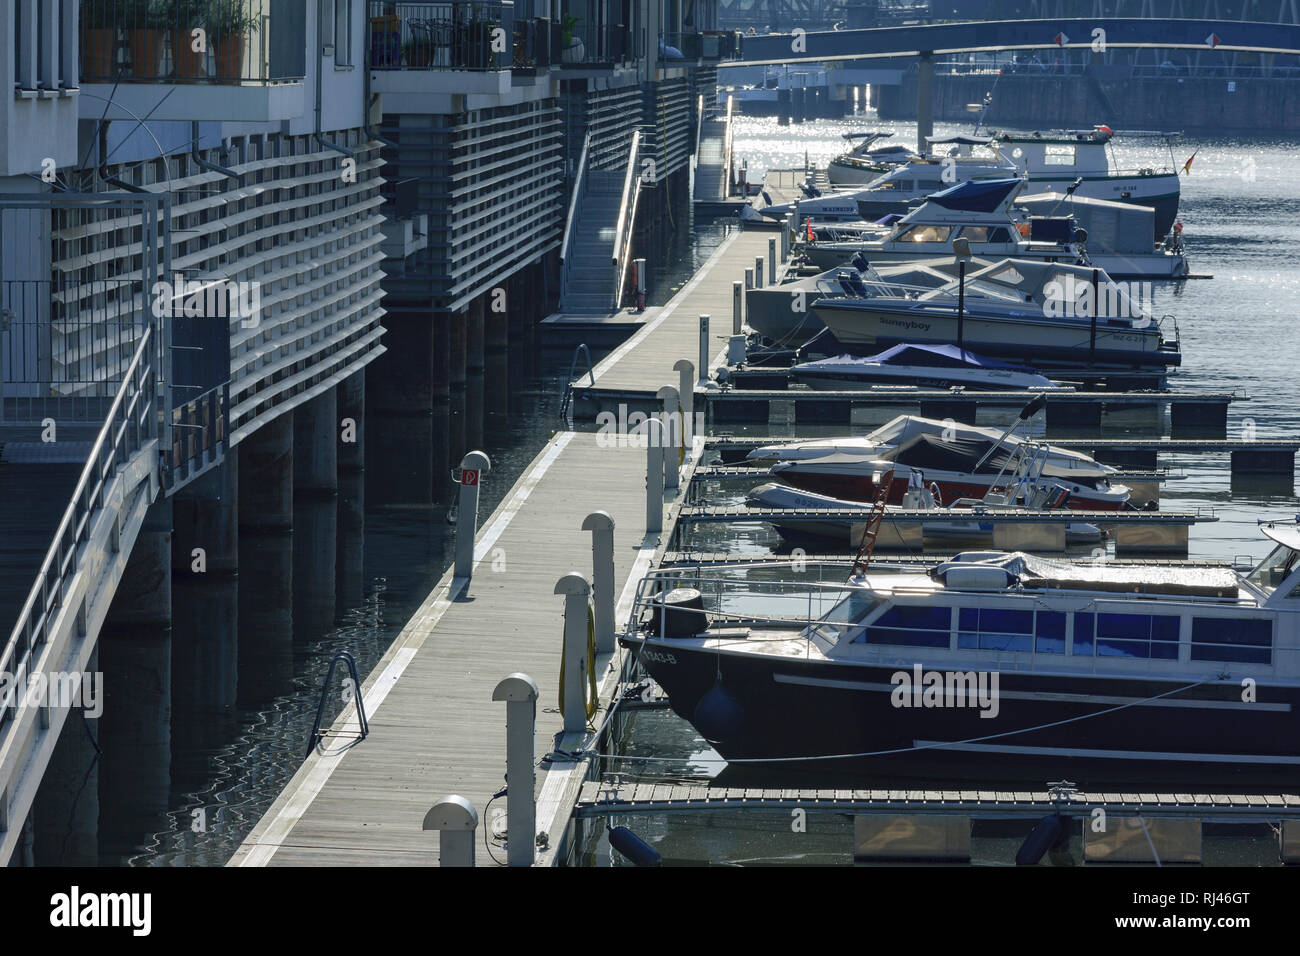 Europa, Deutschland, Herren, Frankfurt, Westhafen, Bootssteg im Luxus Wohnquartier - Stock Image